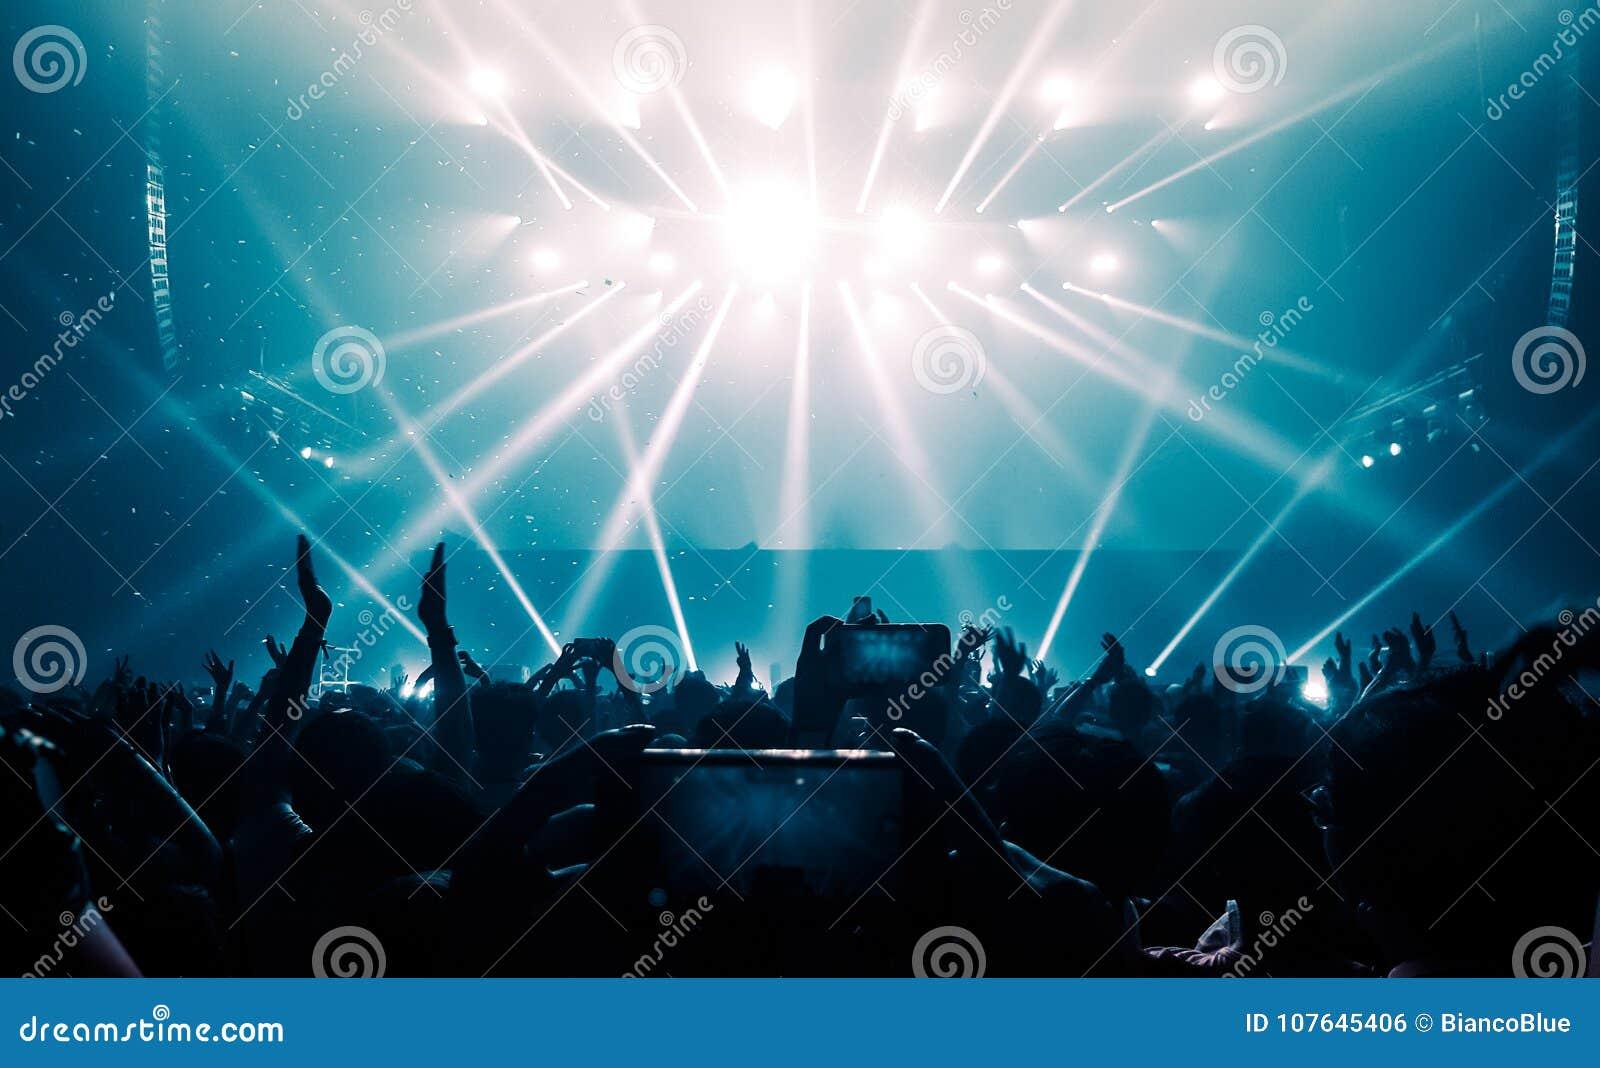 Οι ευτυχείς άνθρωποι χορεύουν στη συναυλία κόμματος νυχτερινών κέντρων διασκέδασης